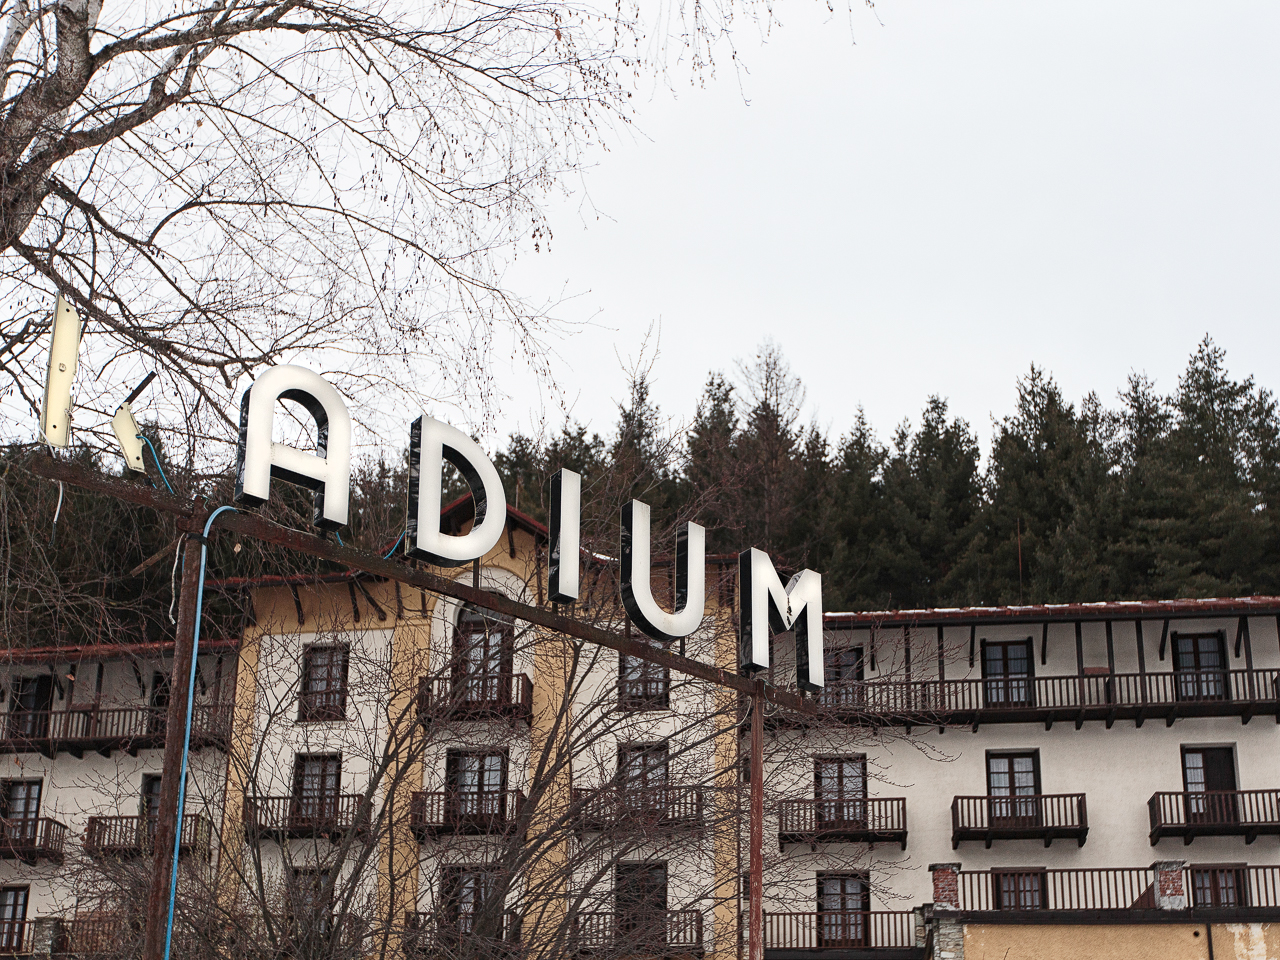 Radium #01